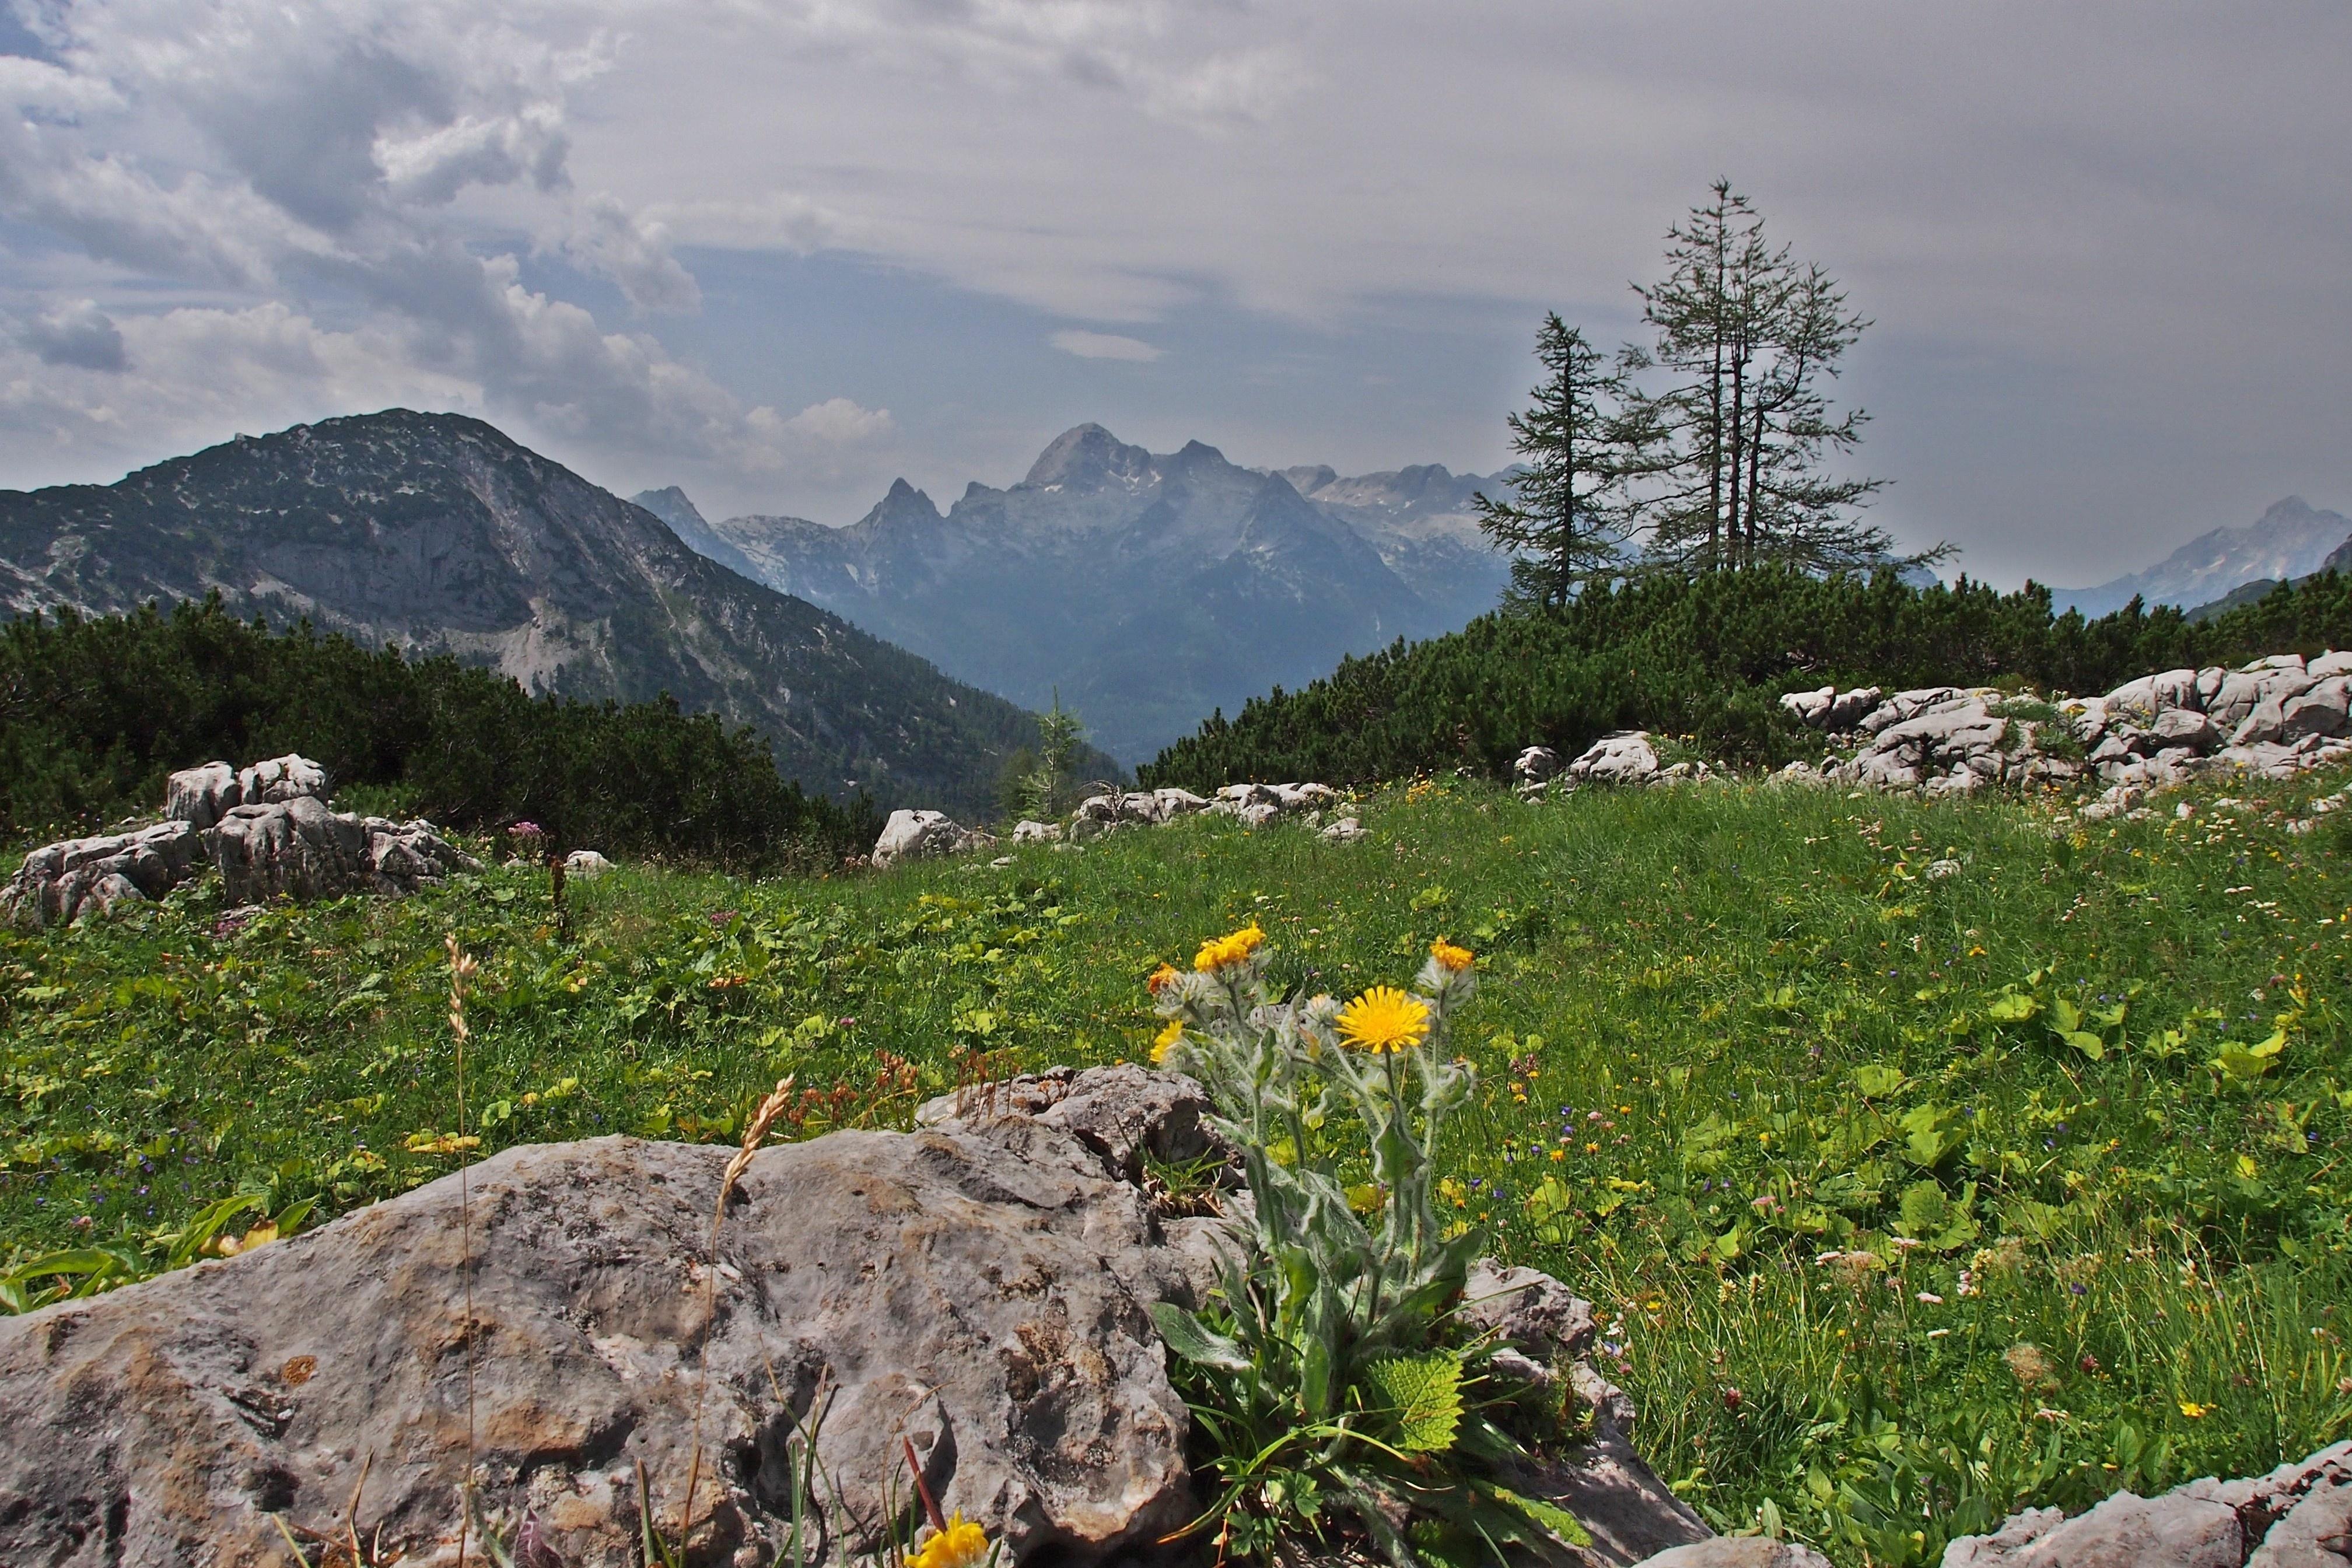 156416 скачать обои Природа, Скалы, Деревья, Горы, Пейзаж - заставки и картинки бесплатно